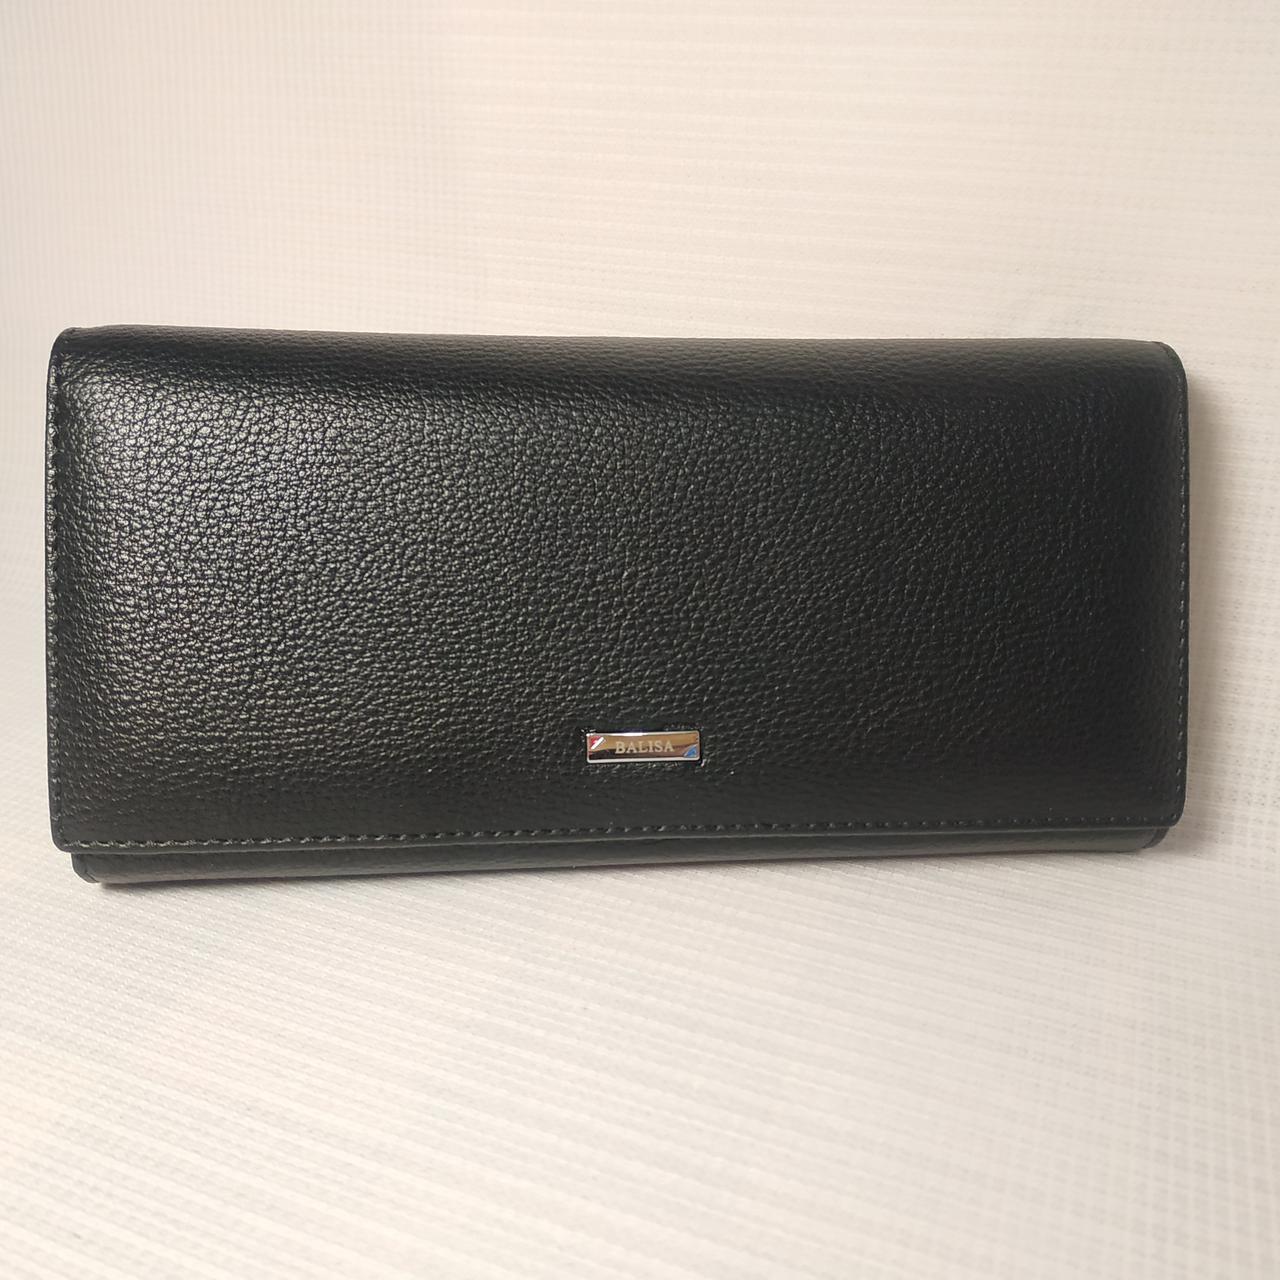 Классический женский кошелек клатч из качественной PU кожи C8806-030